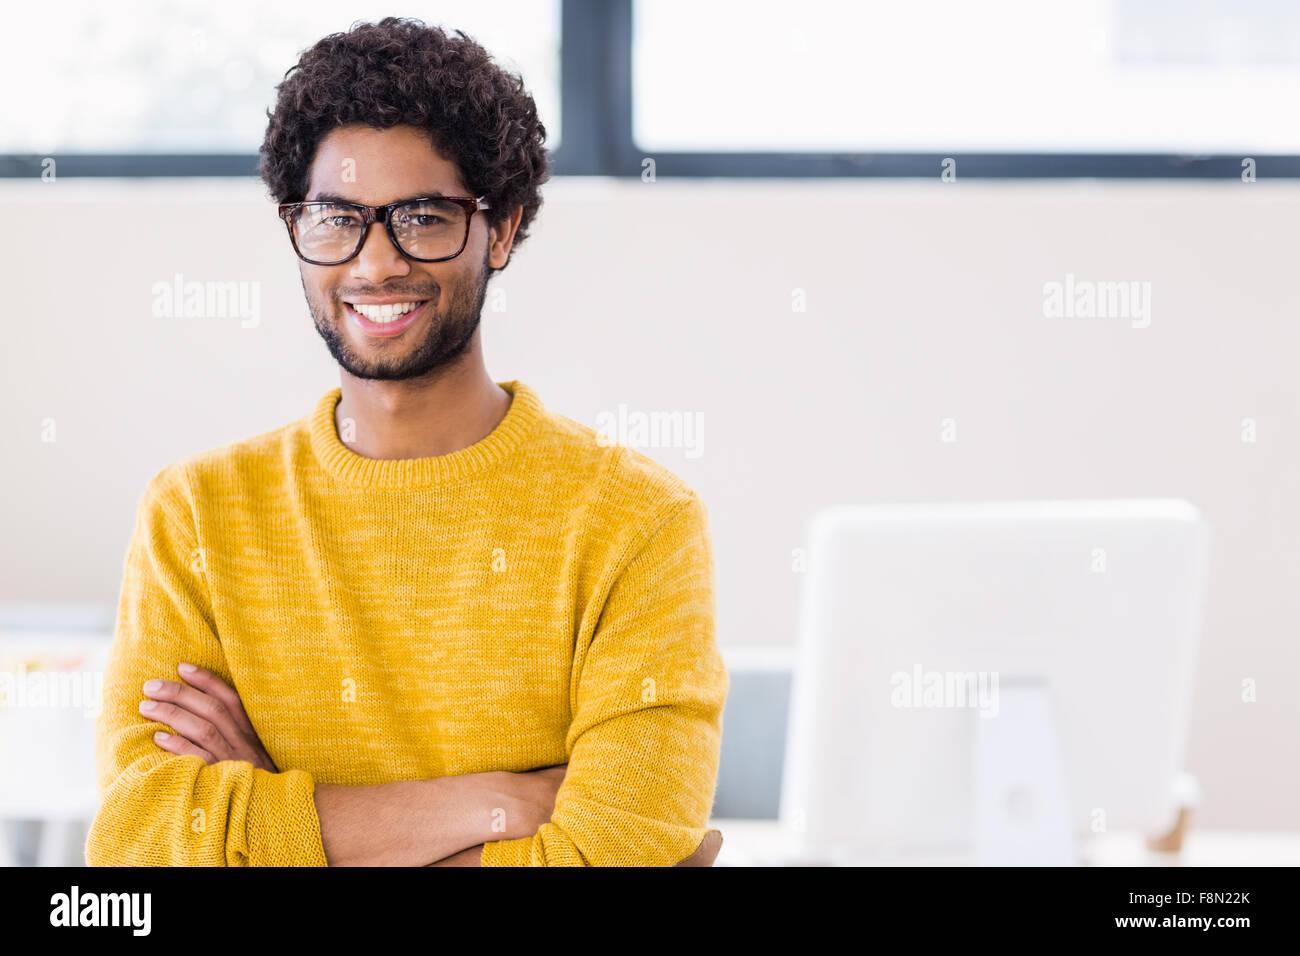 Retrato de atractivo hombre sonriendo a la cámara Imagen De Stock